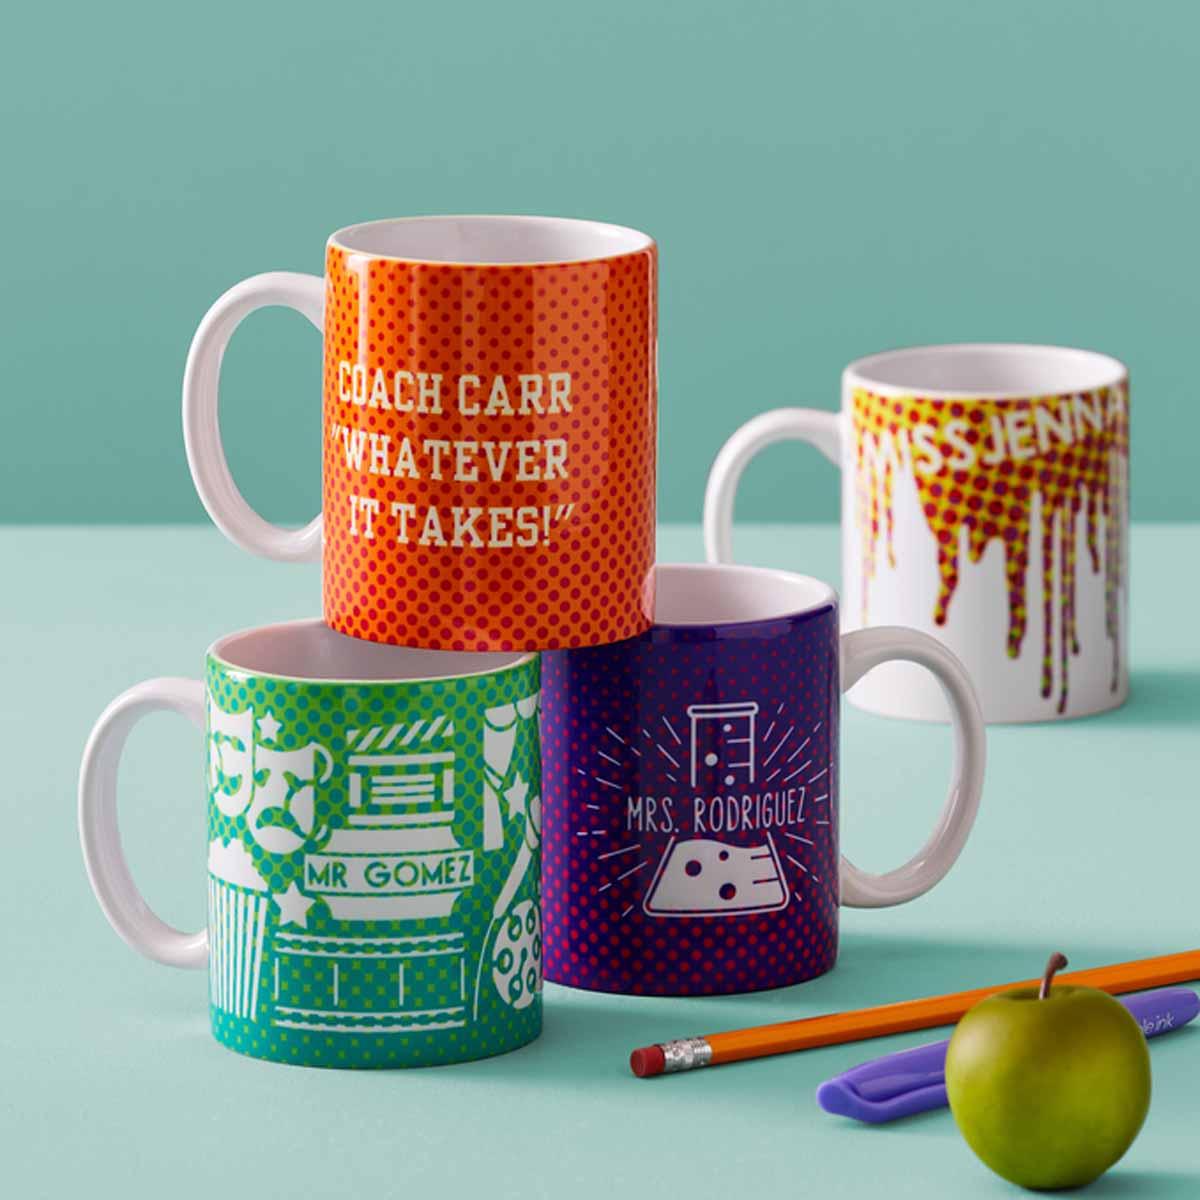 DIY mugs for teachers with Cricut